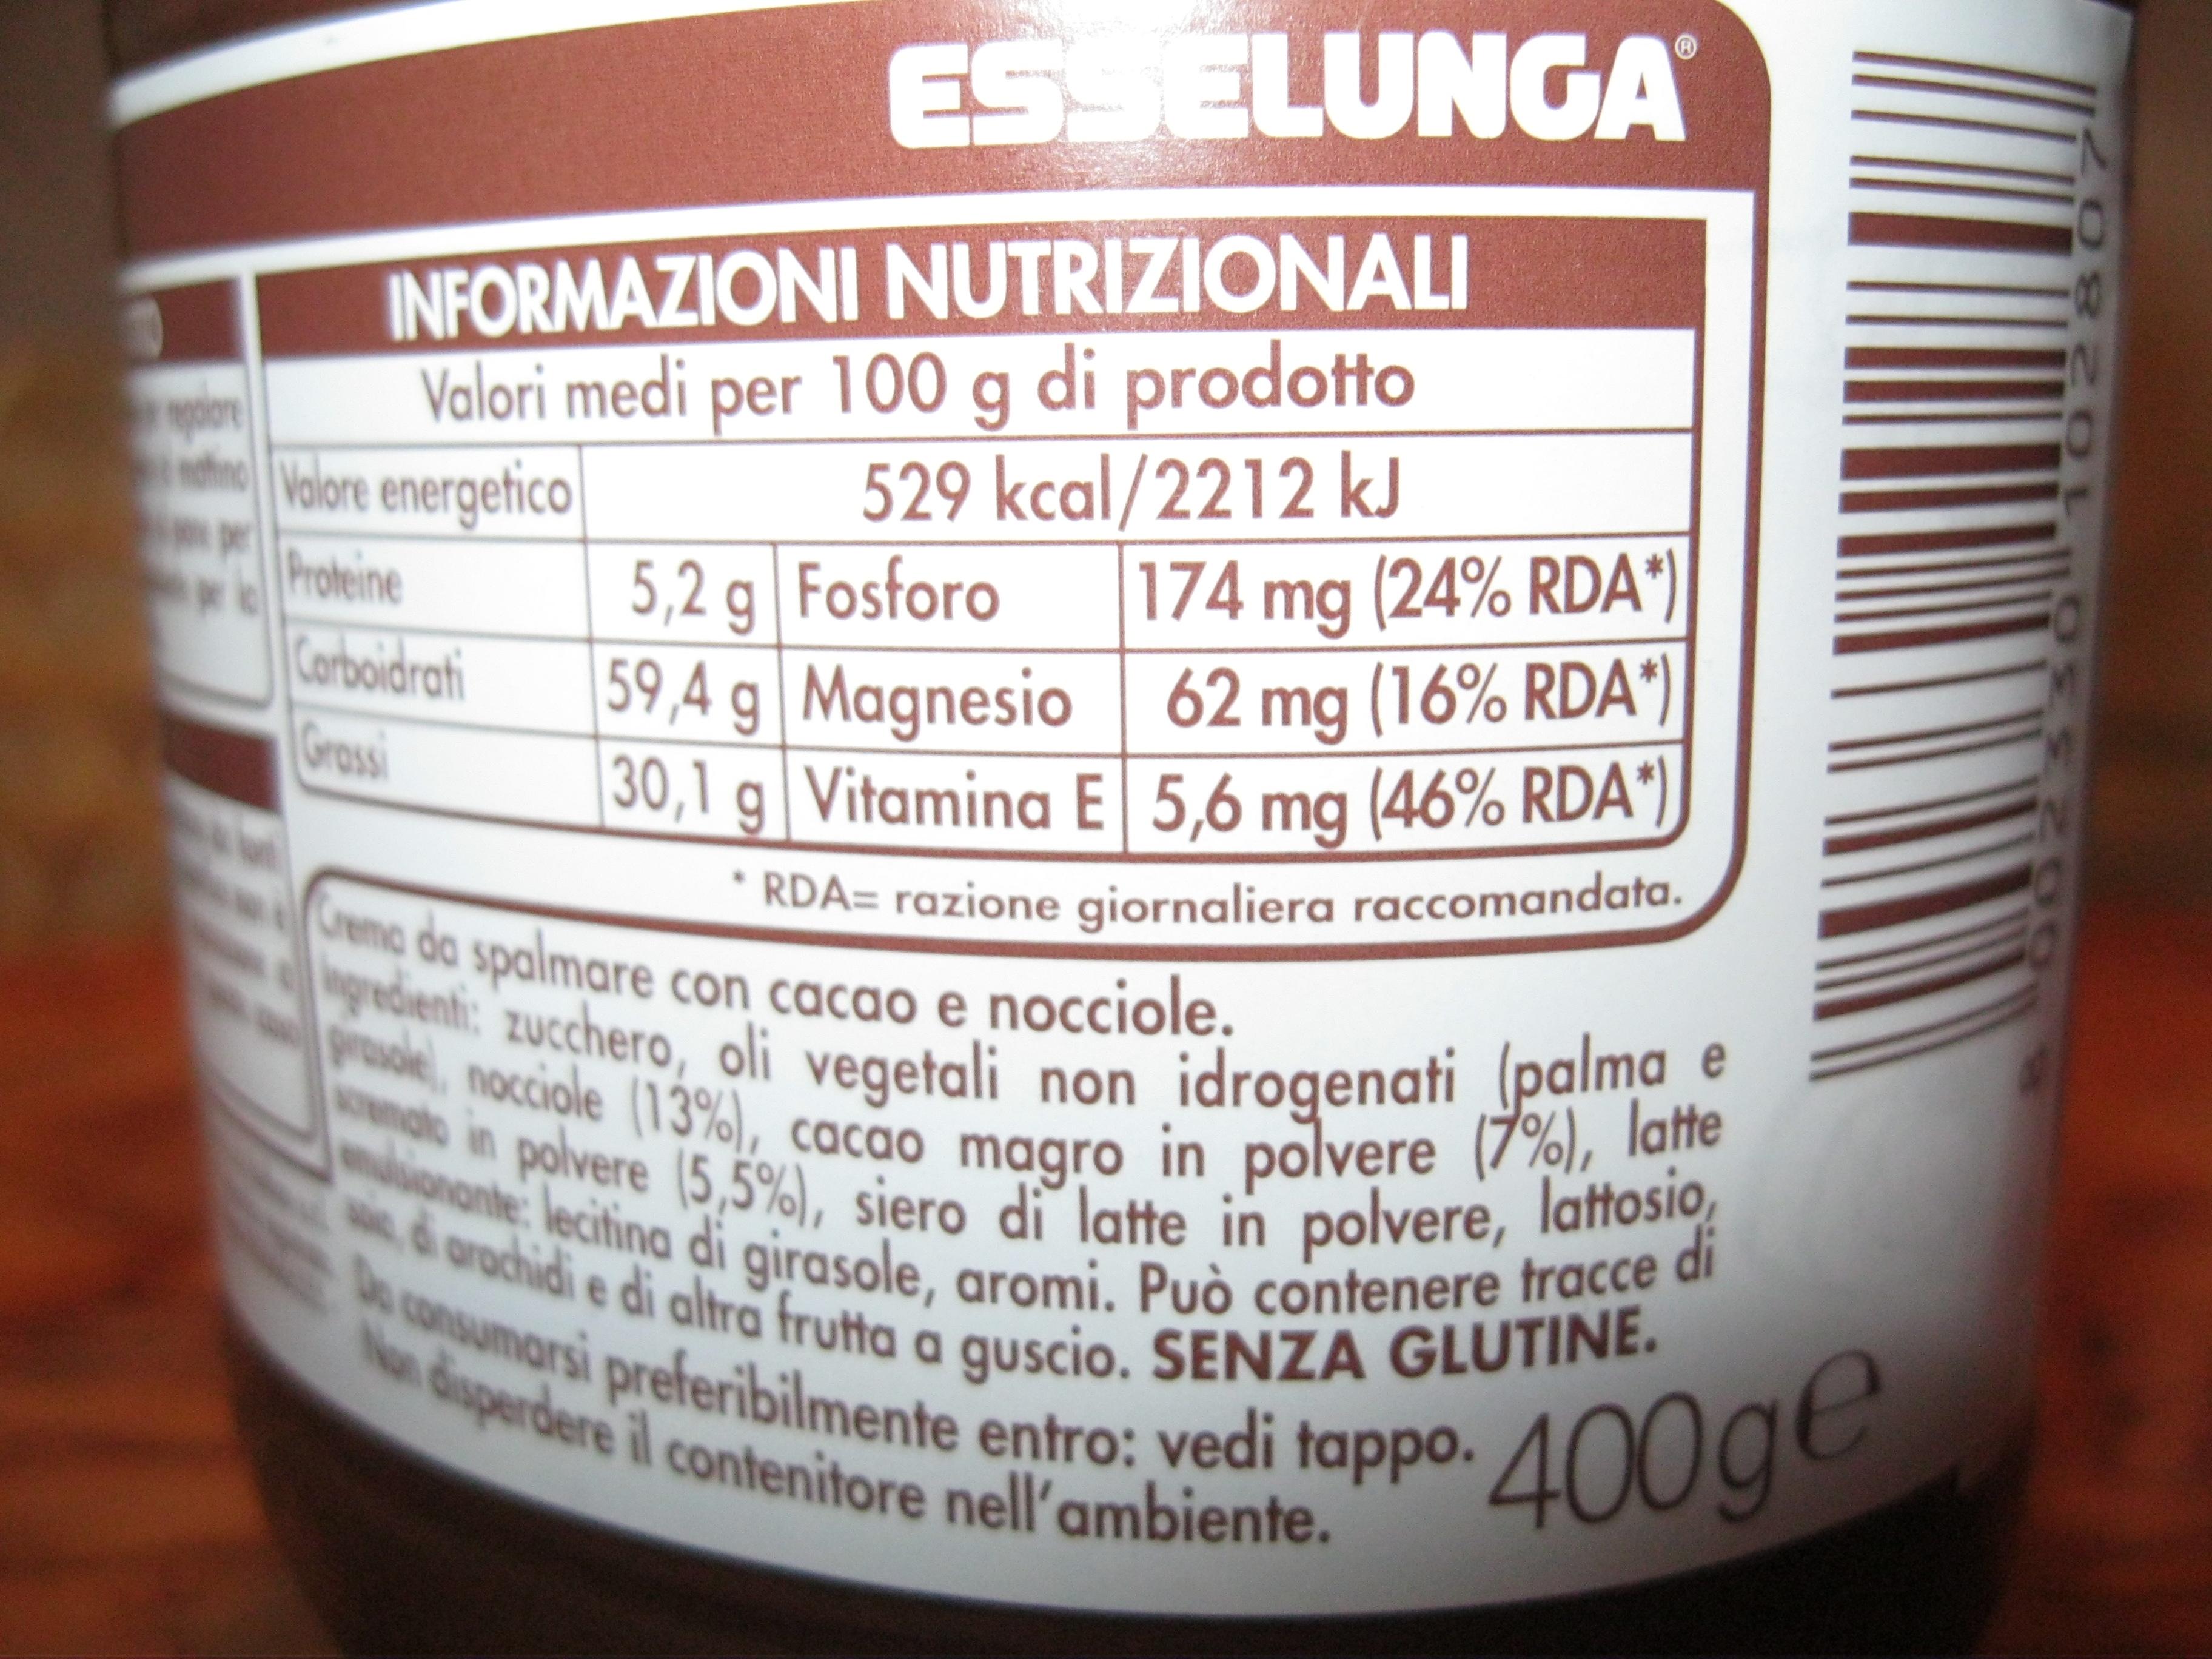 Etichette chiare sui prodotti senza glutine!!!